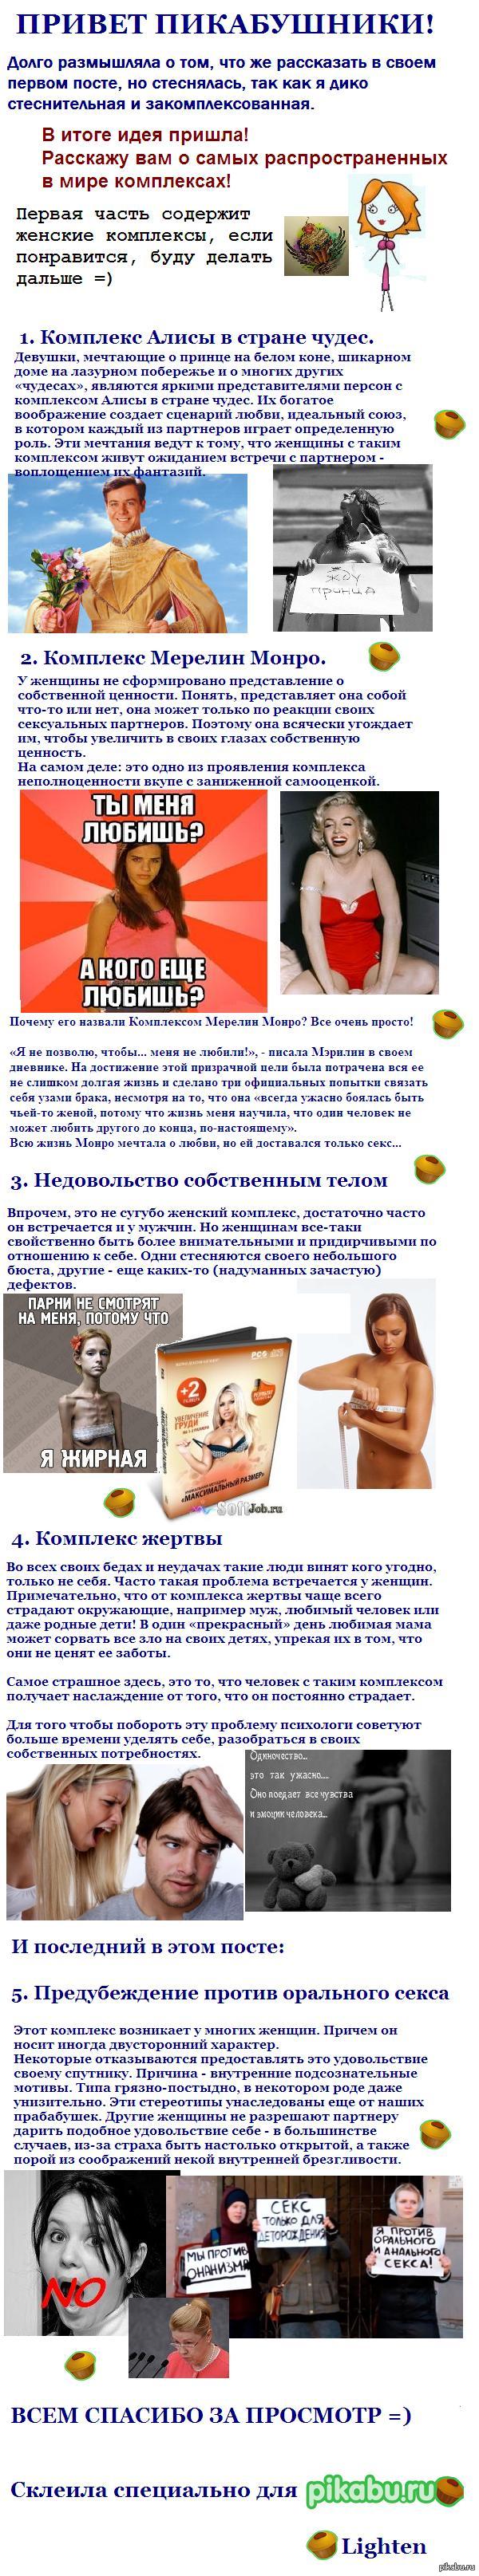 Женские комплексы. 5 распространенных женских комплексов.